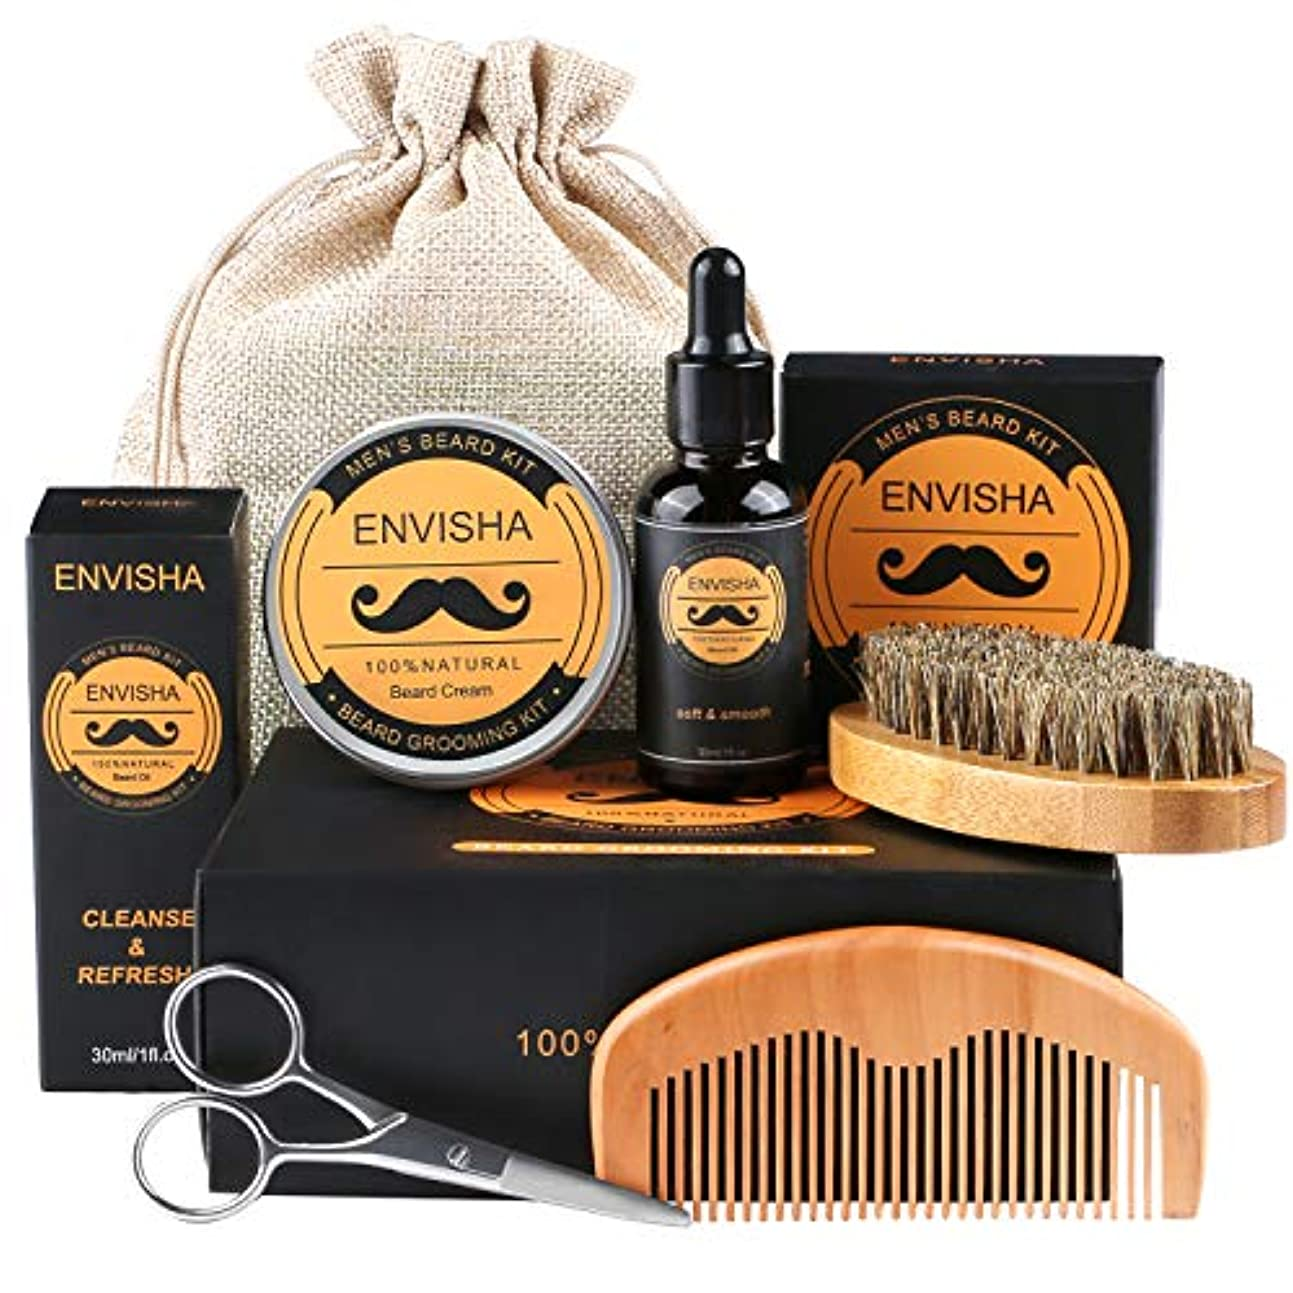 距離船酔い油Beard Kit、Fixget Beard Care Kit(無料のひげの手入れとトリミングキット付き)100%のイノシシのひげのブラシ、木のひげの櫛、ひげ、男性のための口ひげのはさみお父さん夫